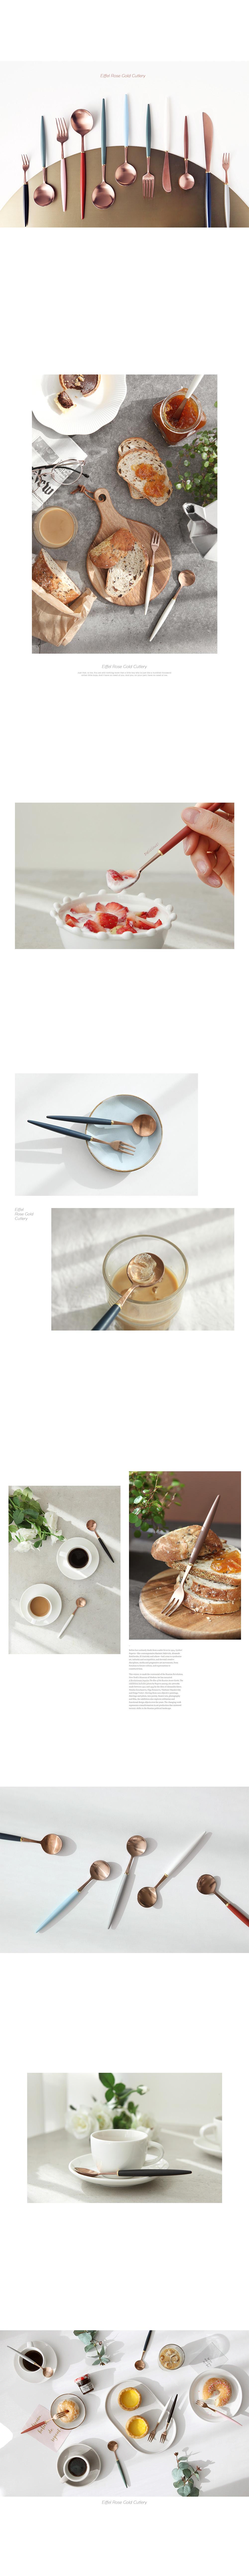 에펠라인로즈골드 커트러리(티타임-티스푼티포크)- 1P(9color)annahouse - 안나하우스, 6,800원, 양식기 세트, 양식기 세트